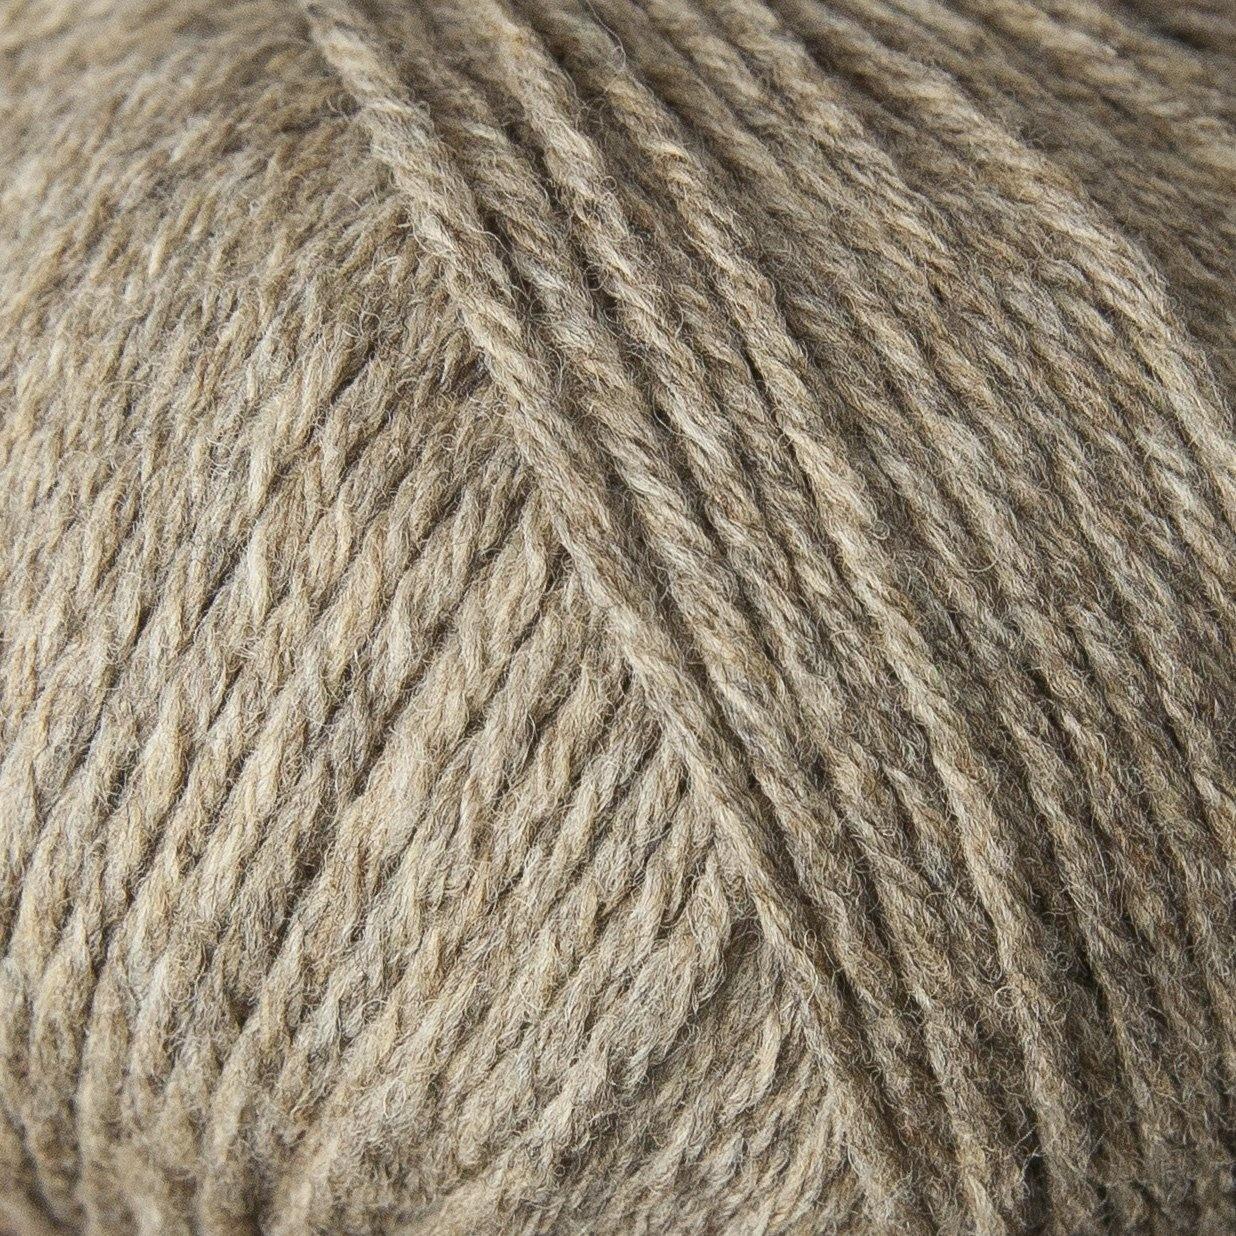 knitting for olive Knitting for Olive Heavy Merino - Nature